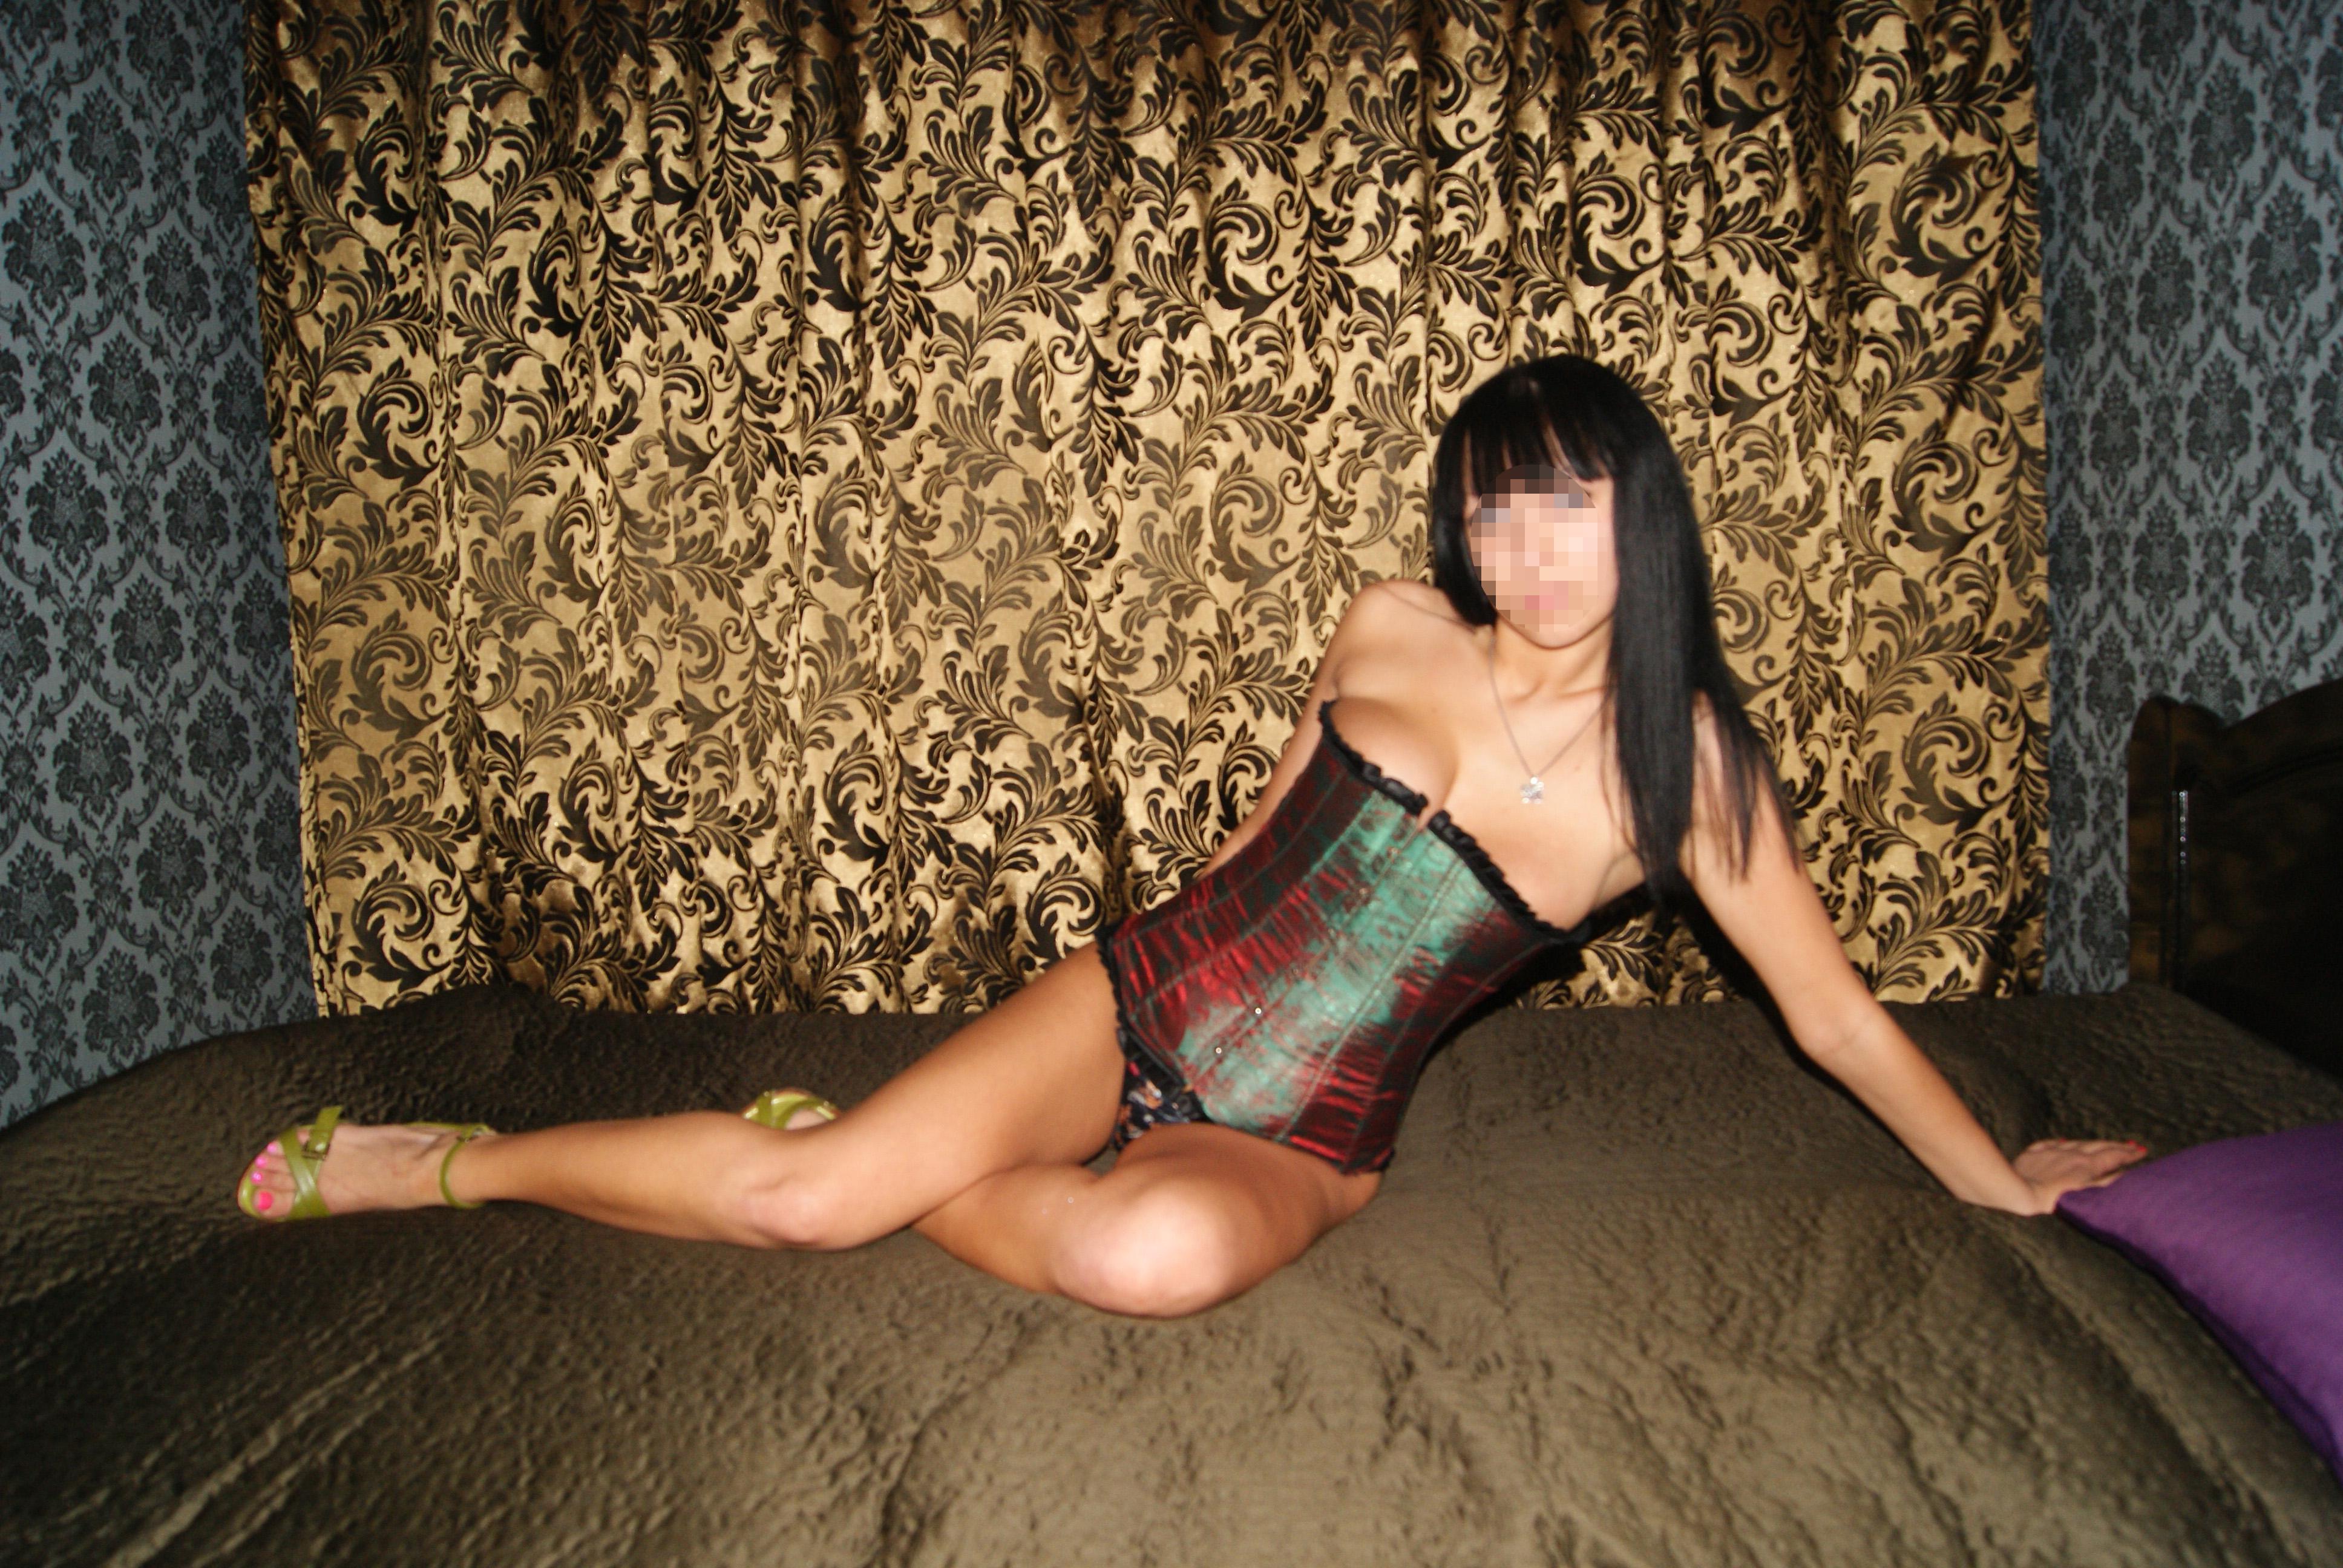 Проститутки москвы лучшие проверенные 15 фотография